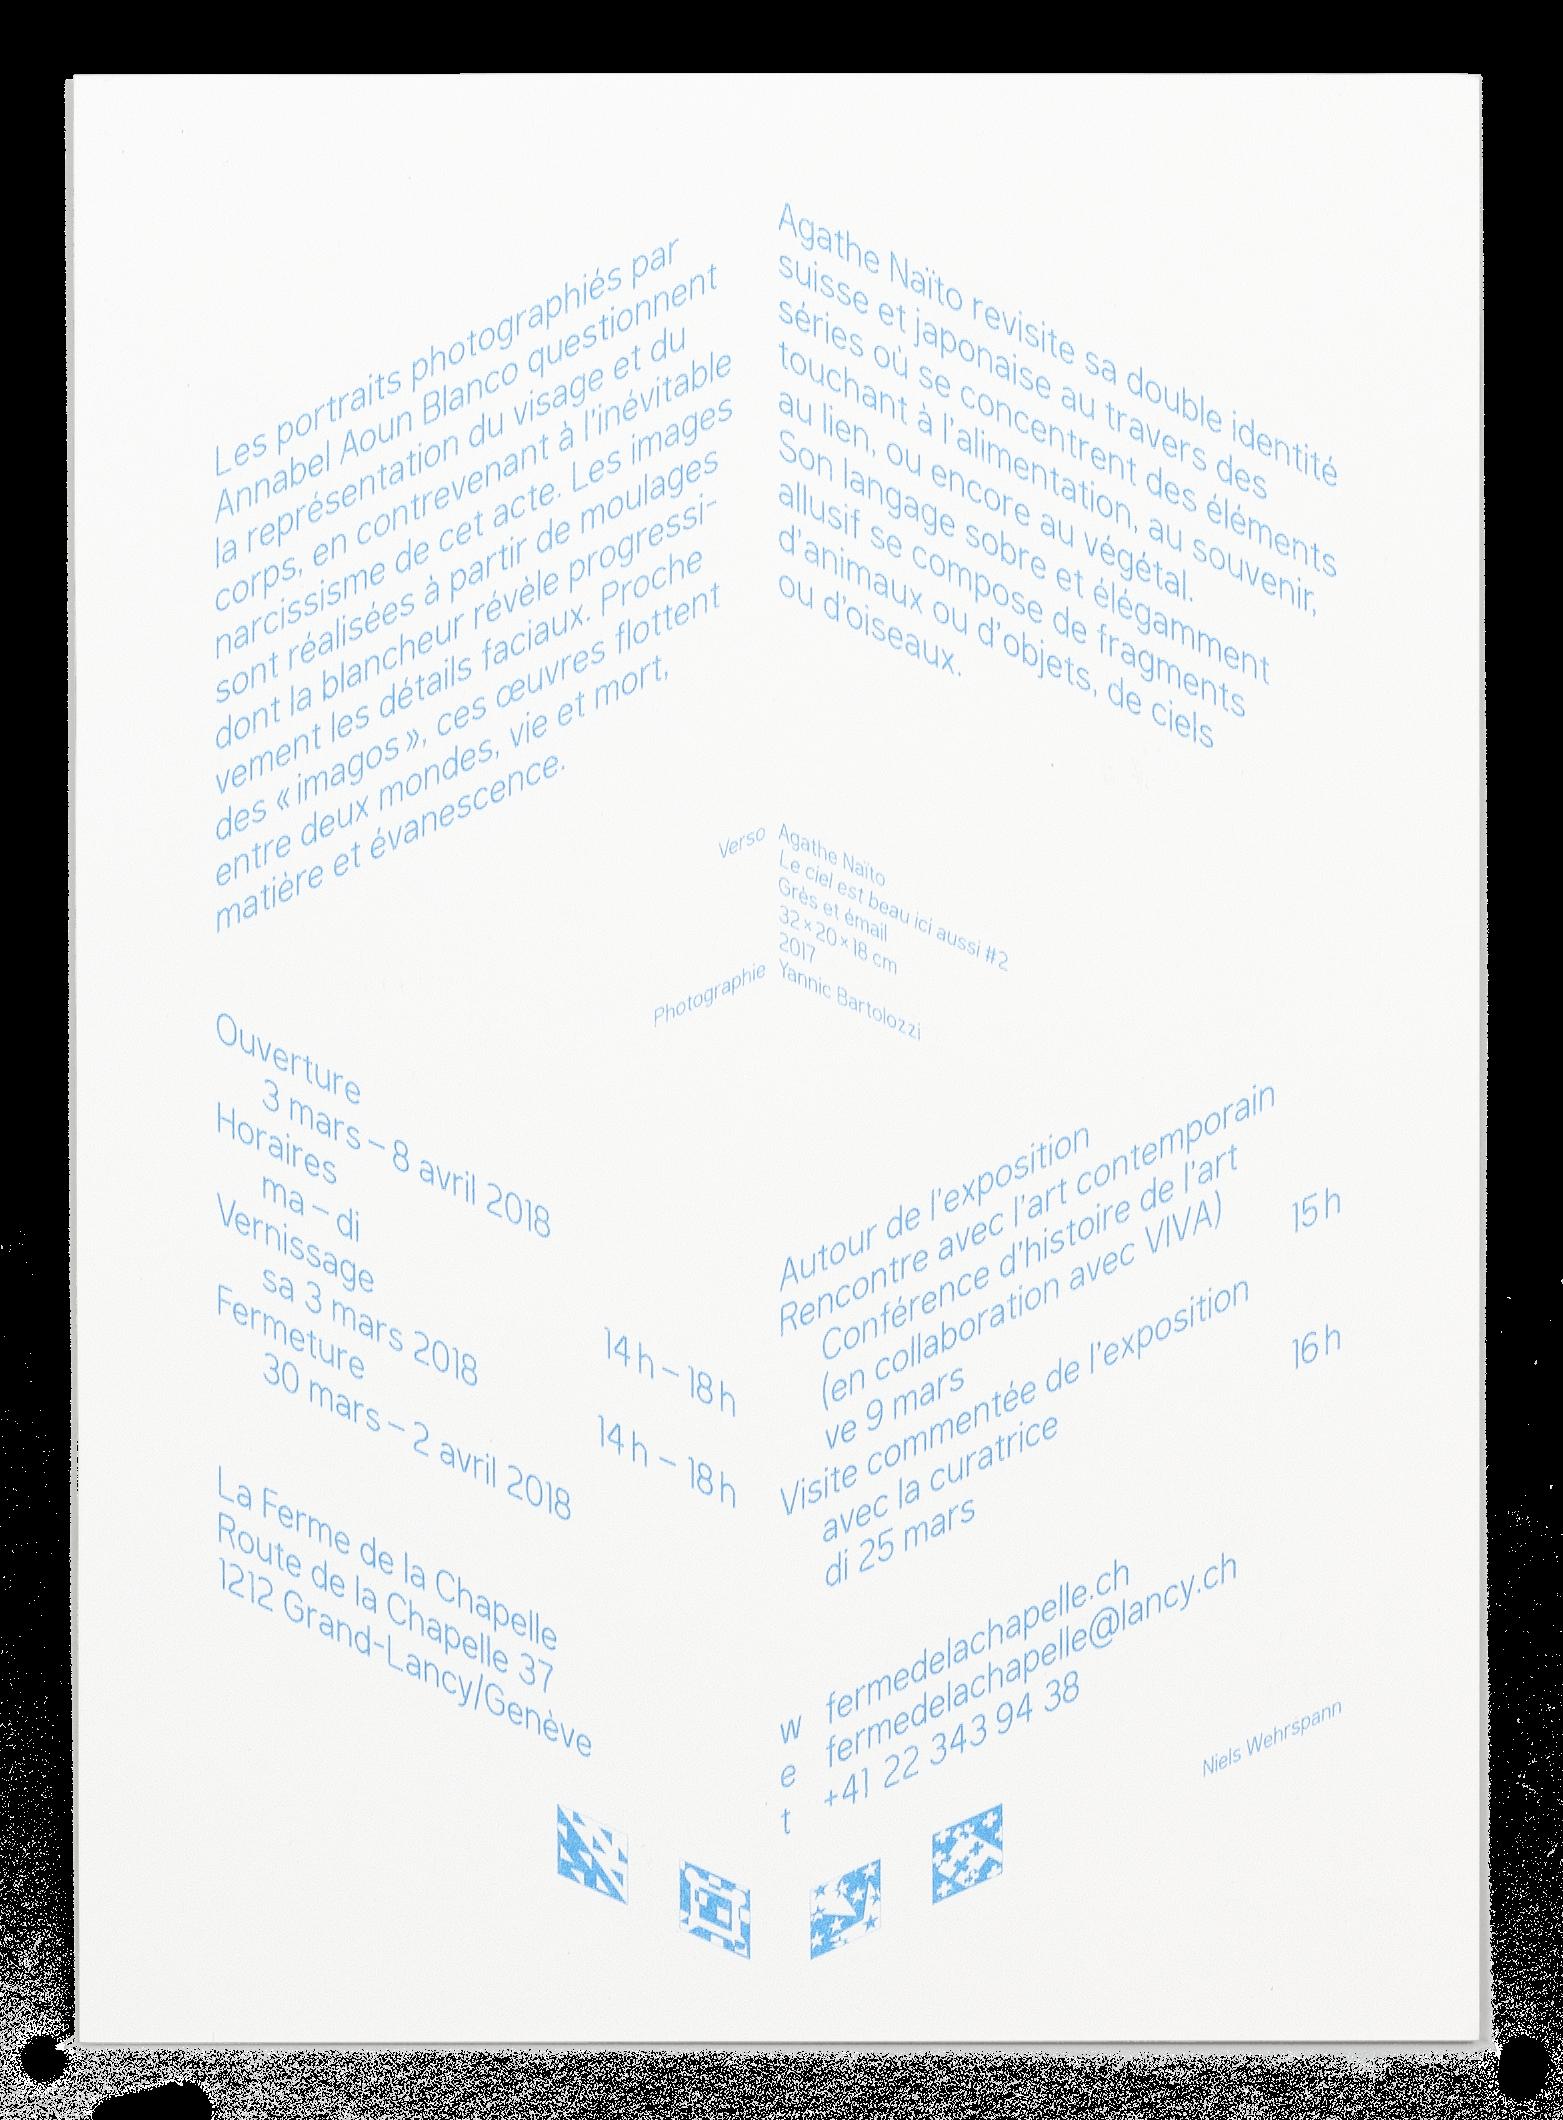 Carton d'invitation pour l'exposition de Annabel Aoun Blanco et Agathe Naïto